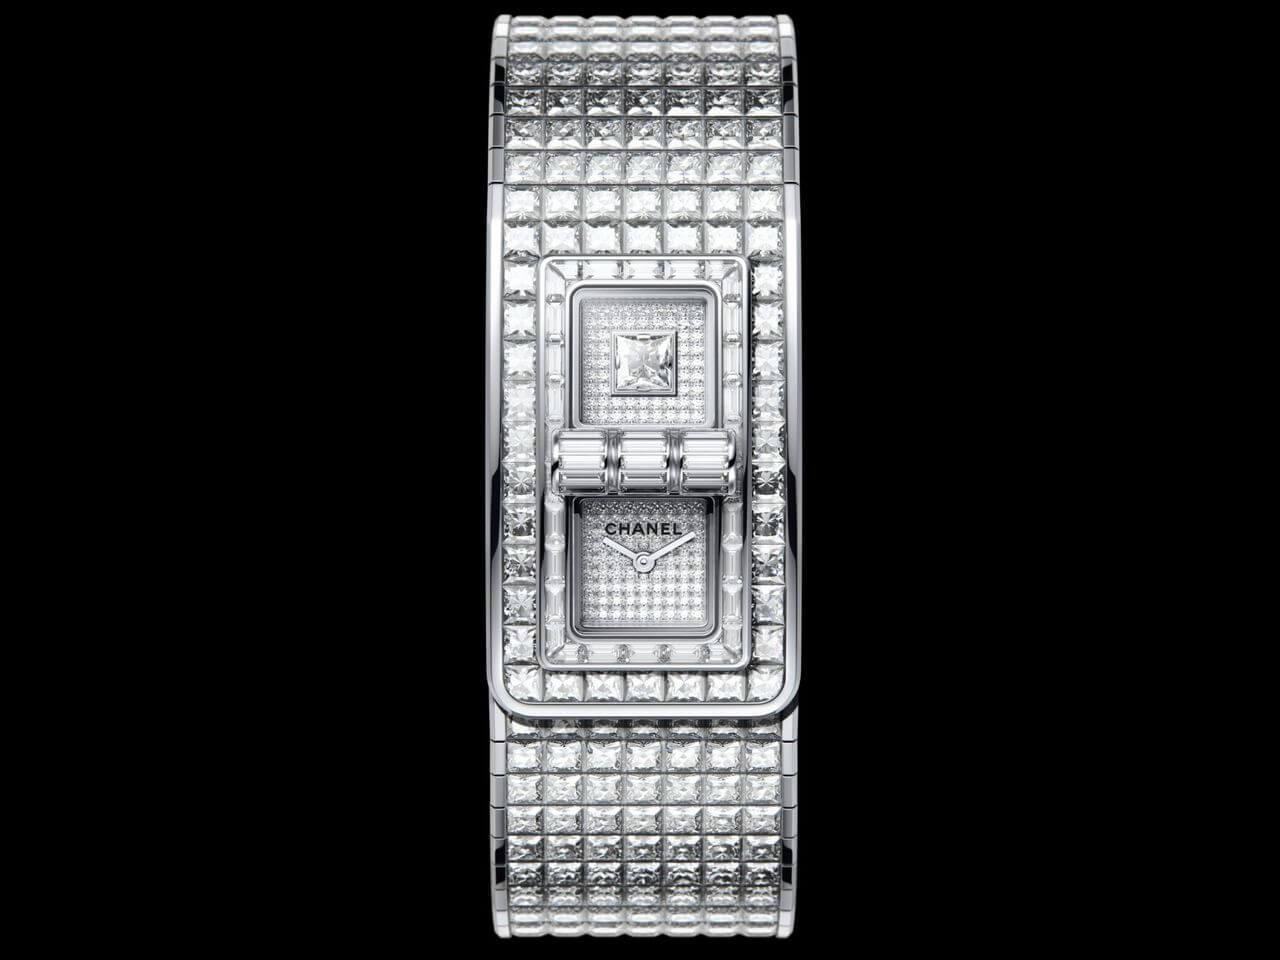 c54e56e3c16b シャネル2018年新作【バーゼルワールド2018】腕時計情報|時計買取のピアゾ